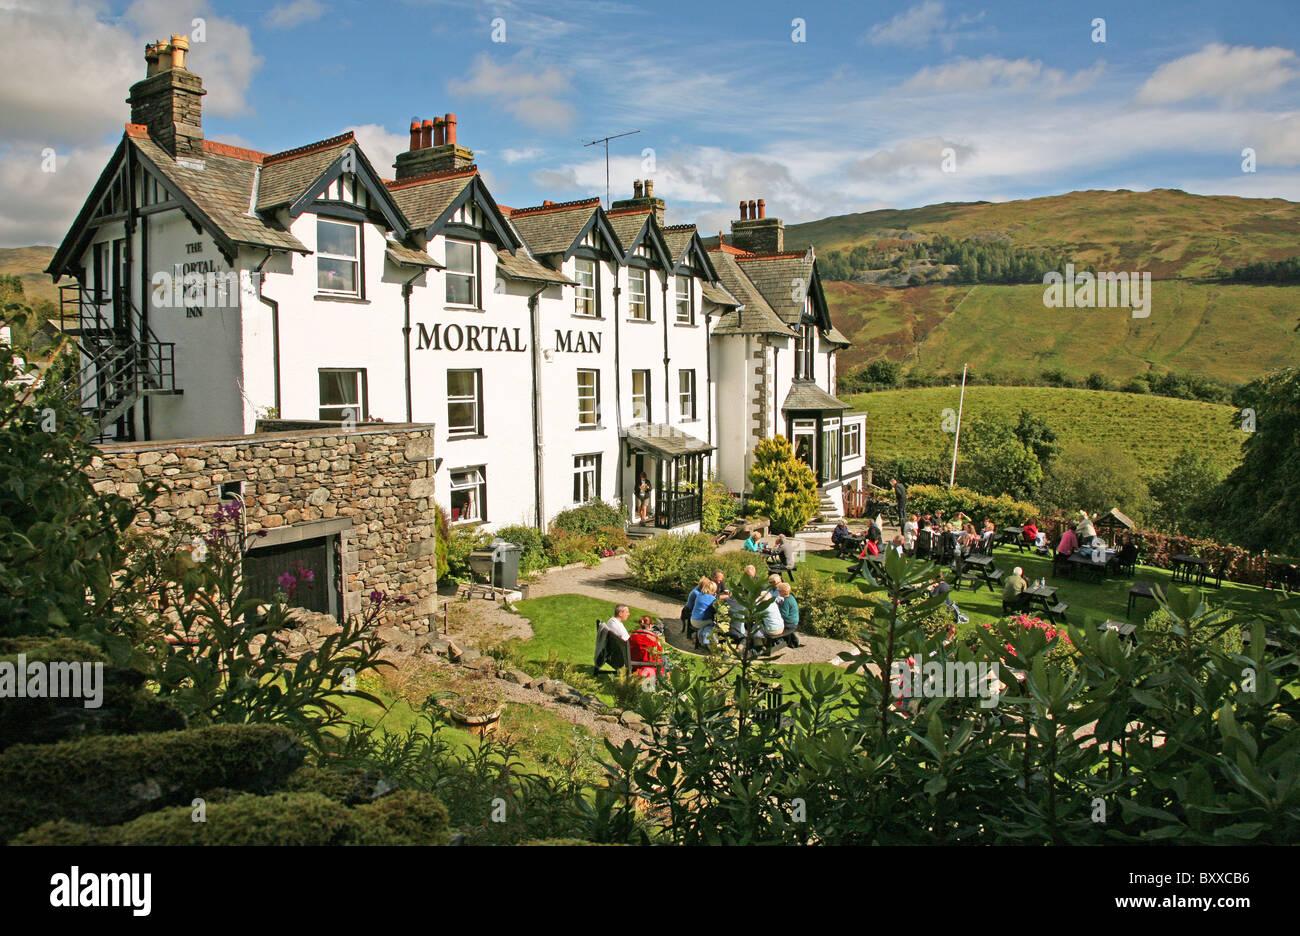 L'homme mortel, pub Inn ou public house à Troutbeck dans le Lake District Cumbria England UK Photo Stock